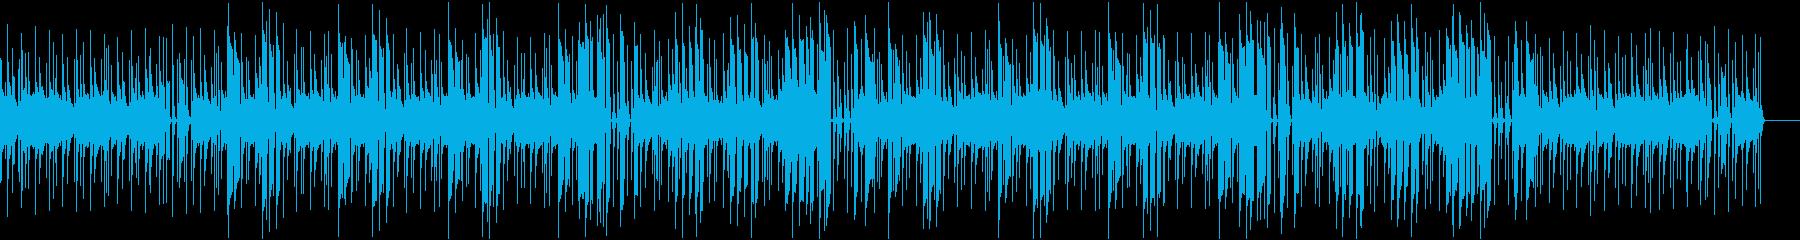 ウクレレ・ほのぼの・リラックス・バカンスの再生済みの波形